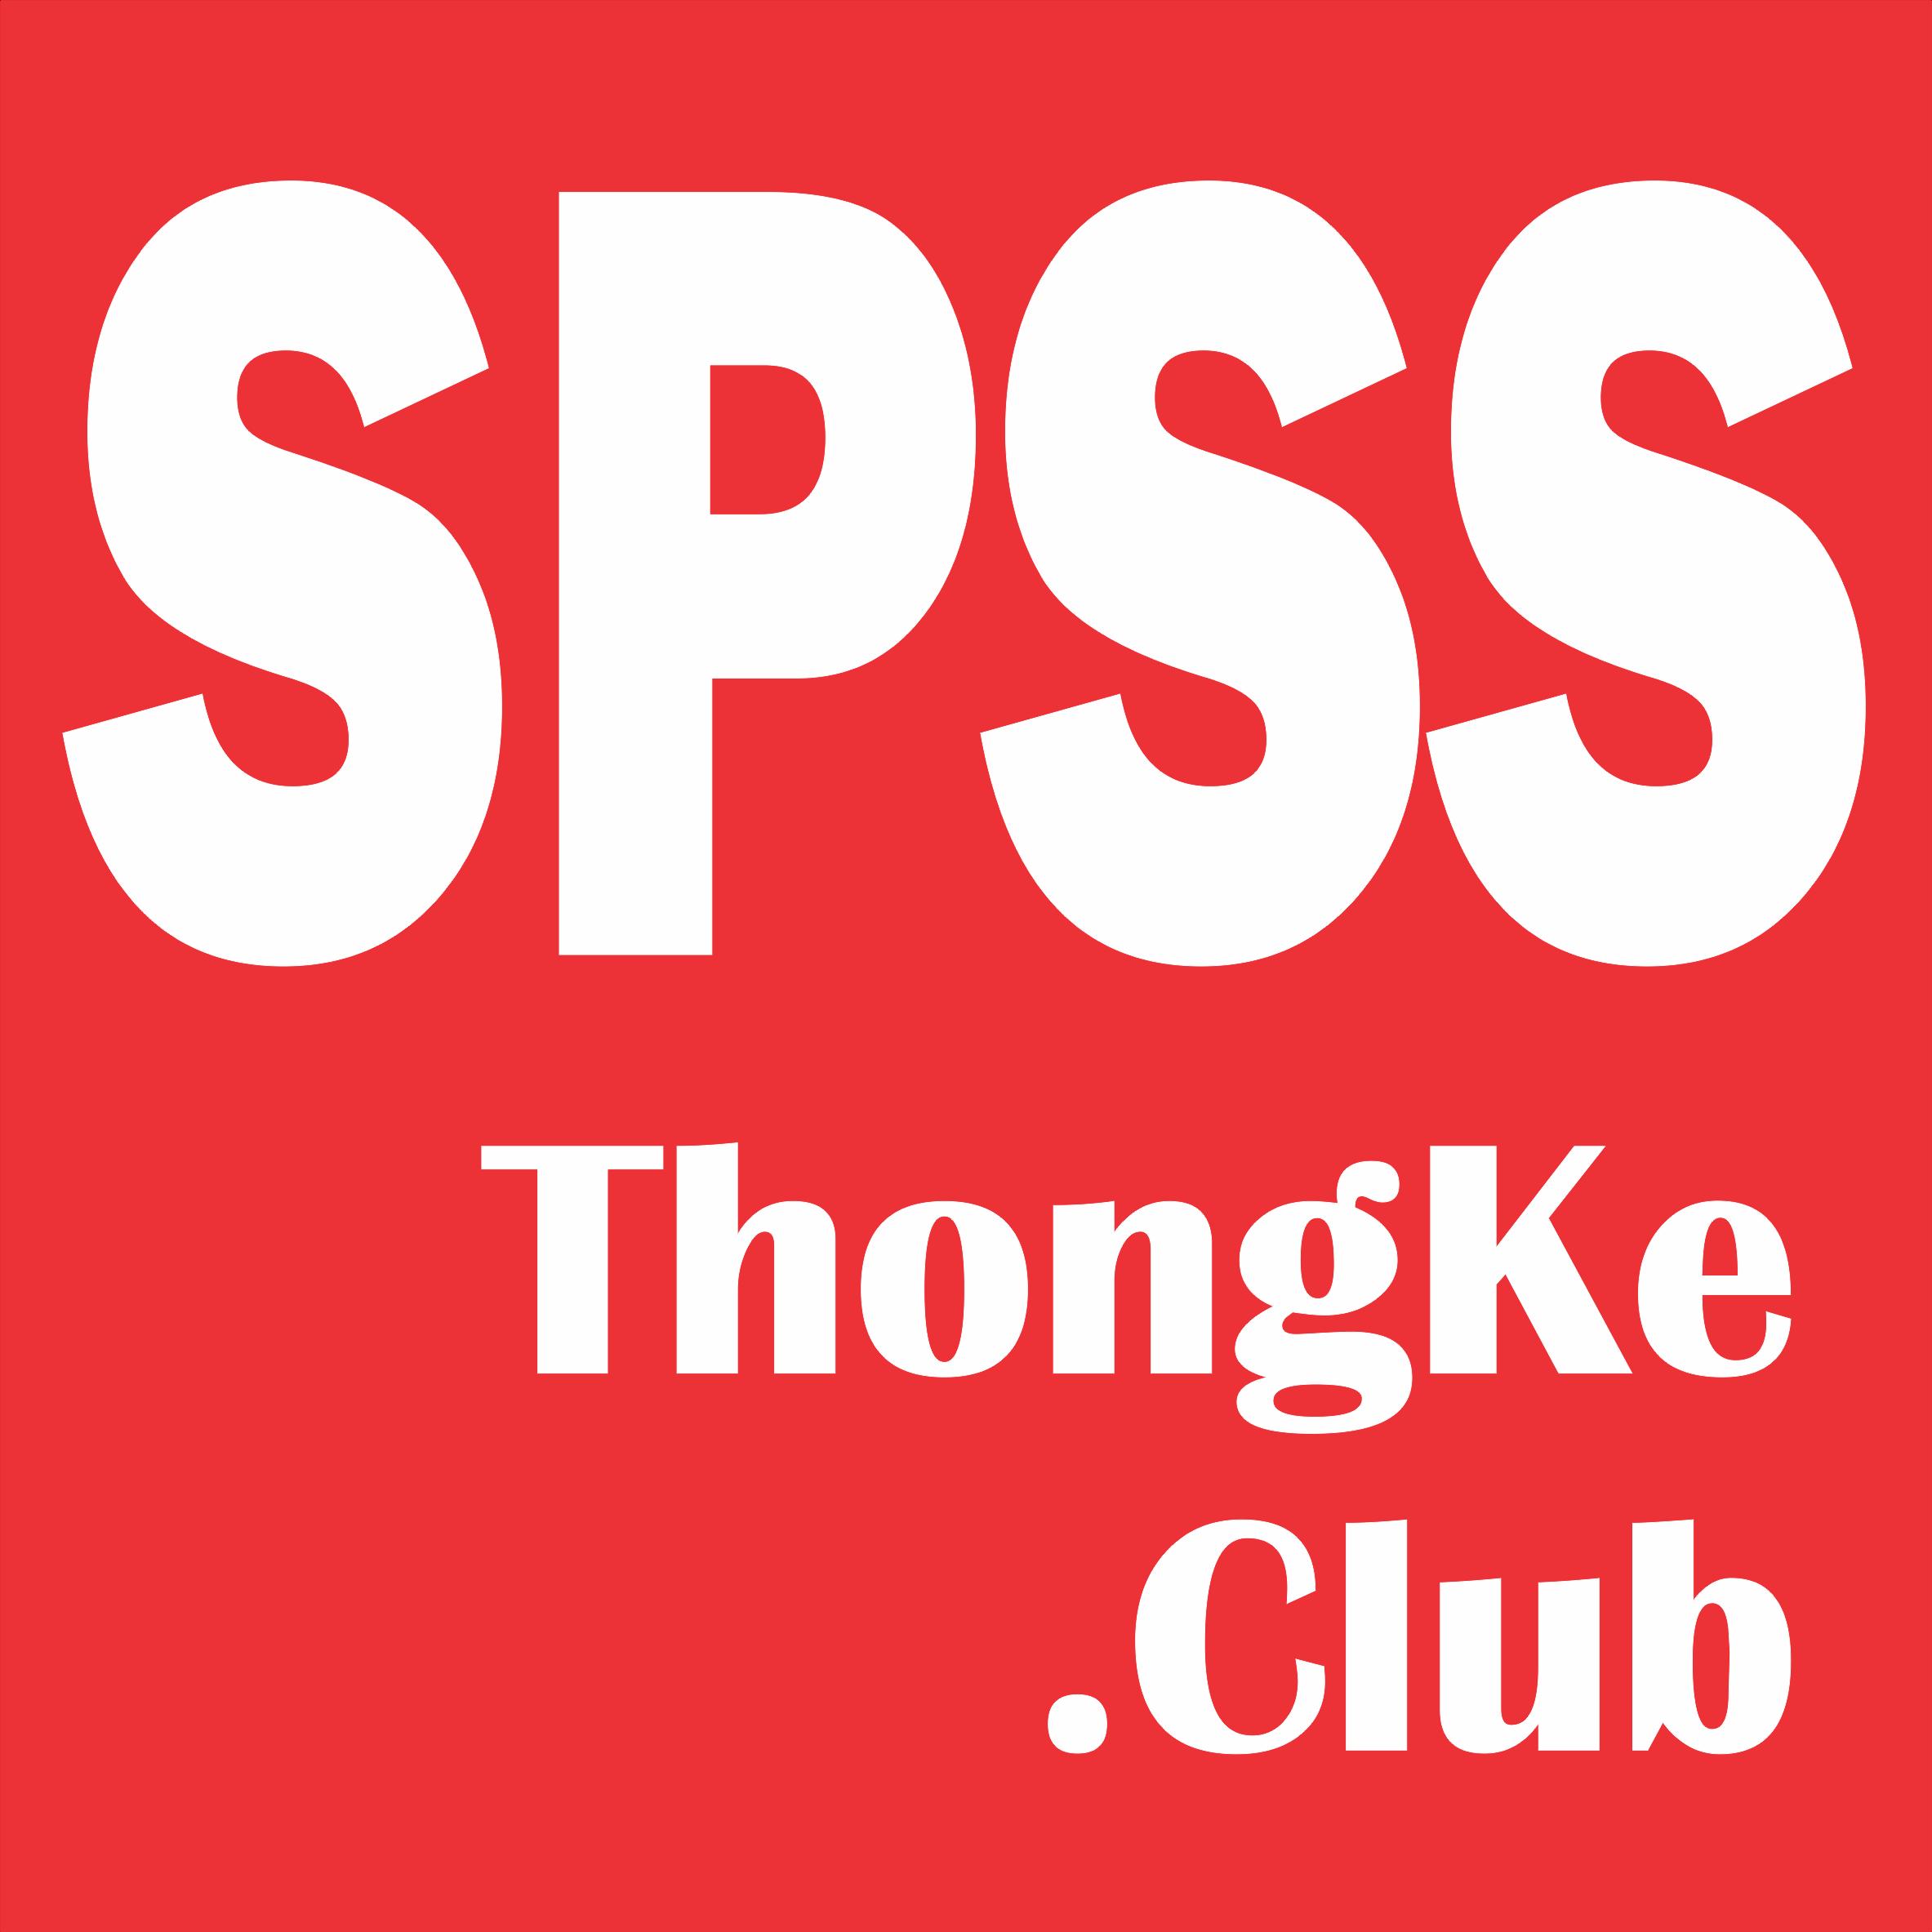 thongke3 - Dịch vụ chạy thuê SPSS  xử lý data Hà Nội